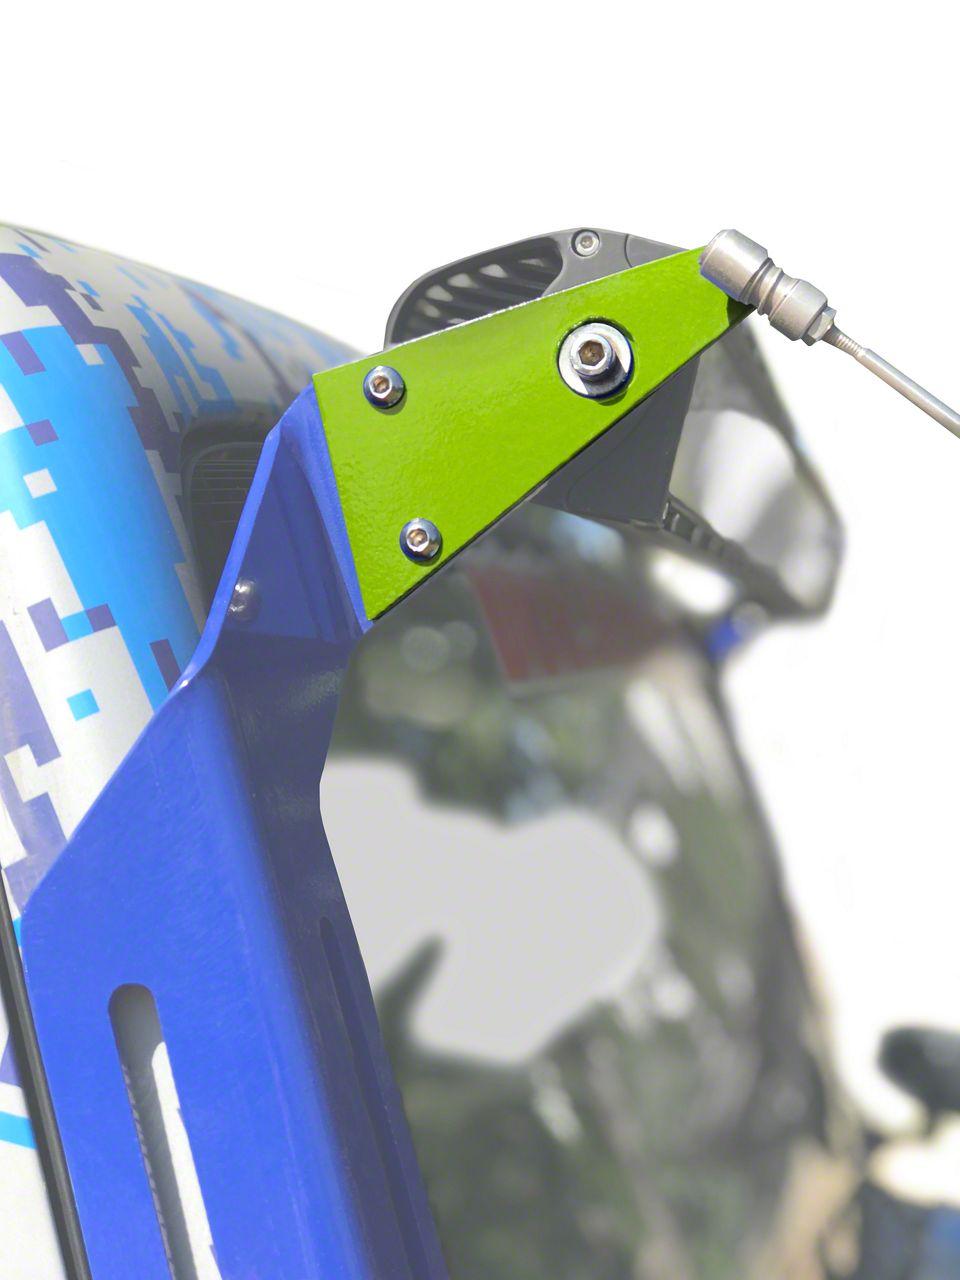 Steinjager A-Pillar Limb Riser Adaptor Brackets - Gecko Green (07-18 Jeep Wrangler JK)